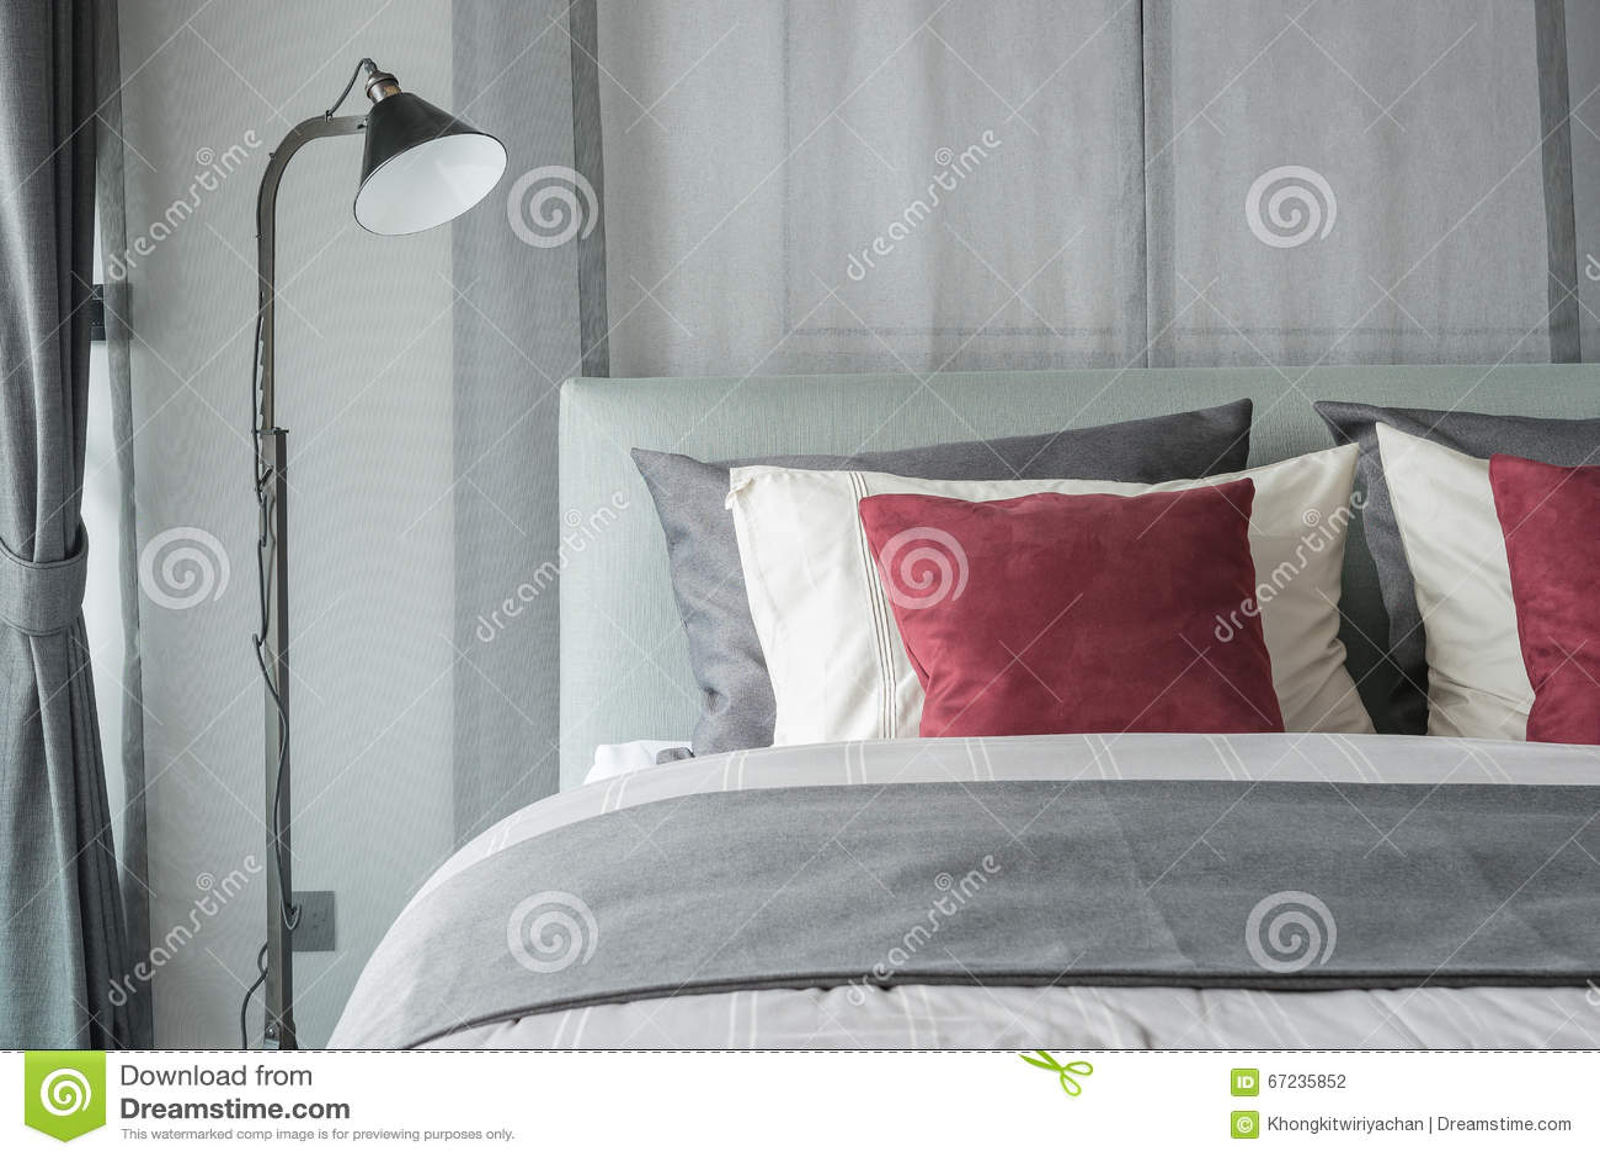 Lampe noire dans la conception moderne de chambre à coucher